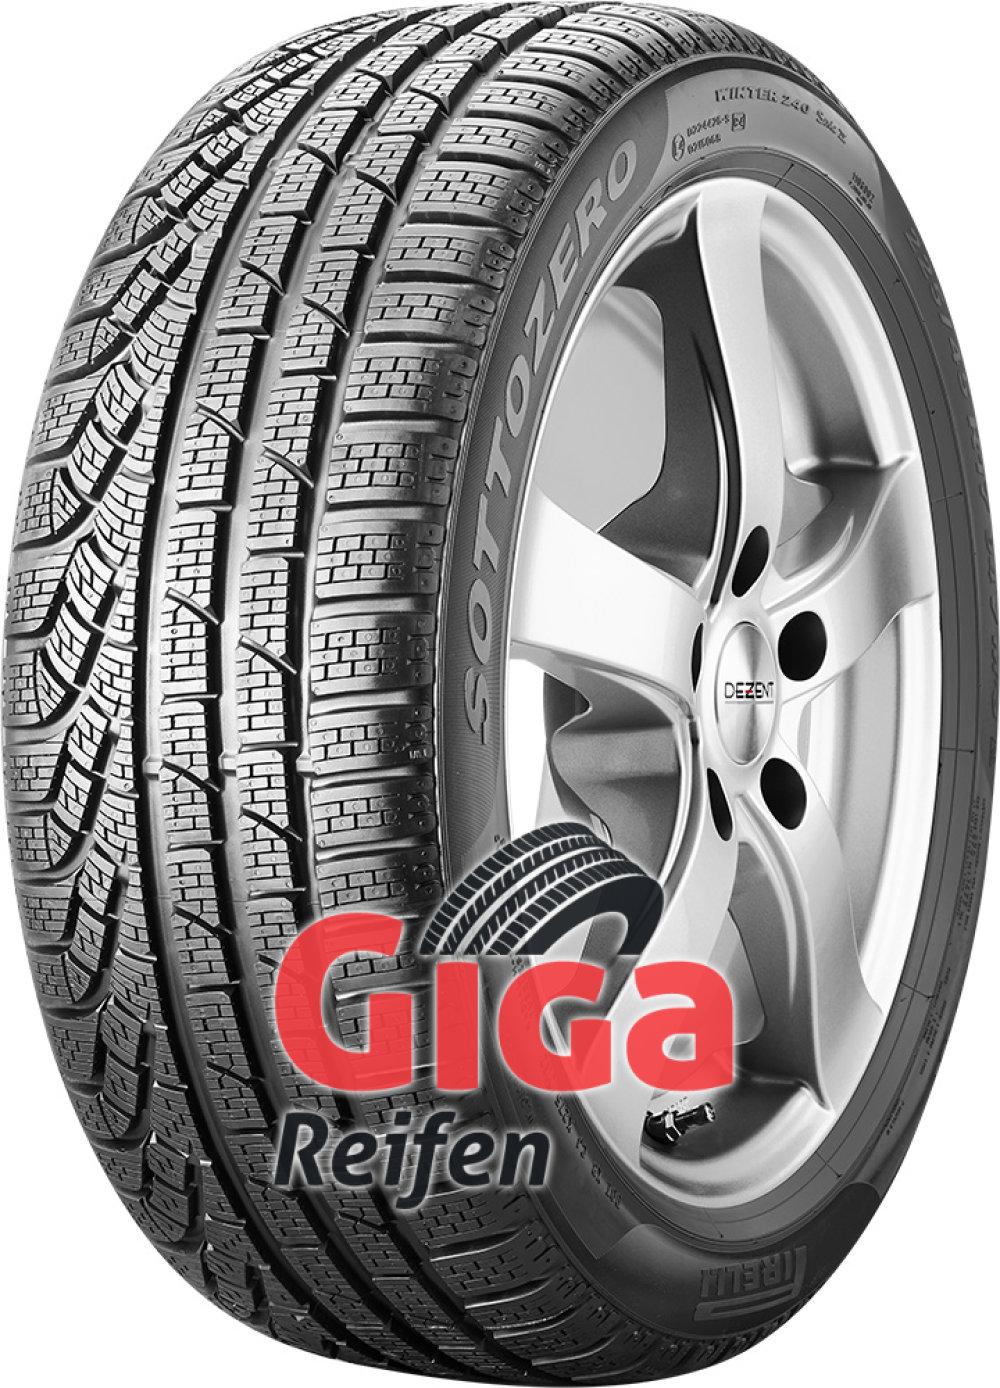 Pirelli W 240 SottoZero ( 245/40 R19 98V XL , mit Felgenschutz (MFS) )